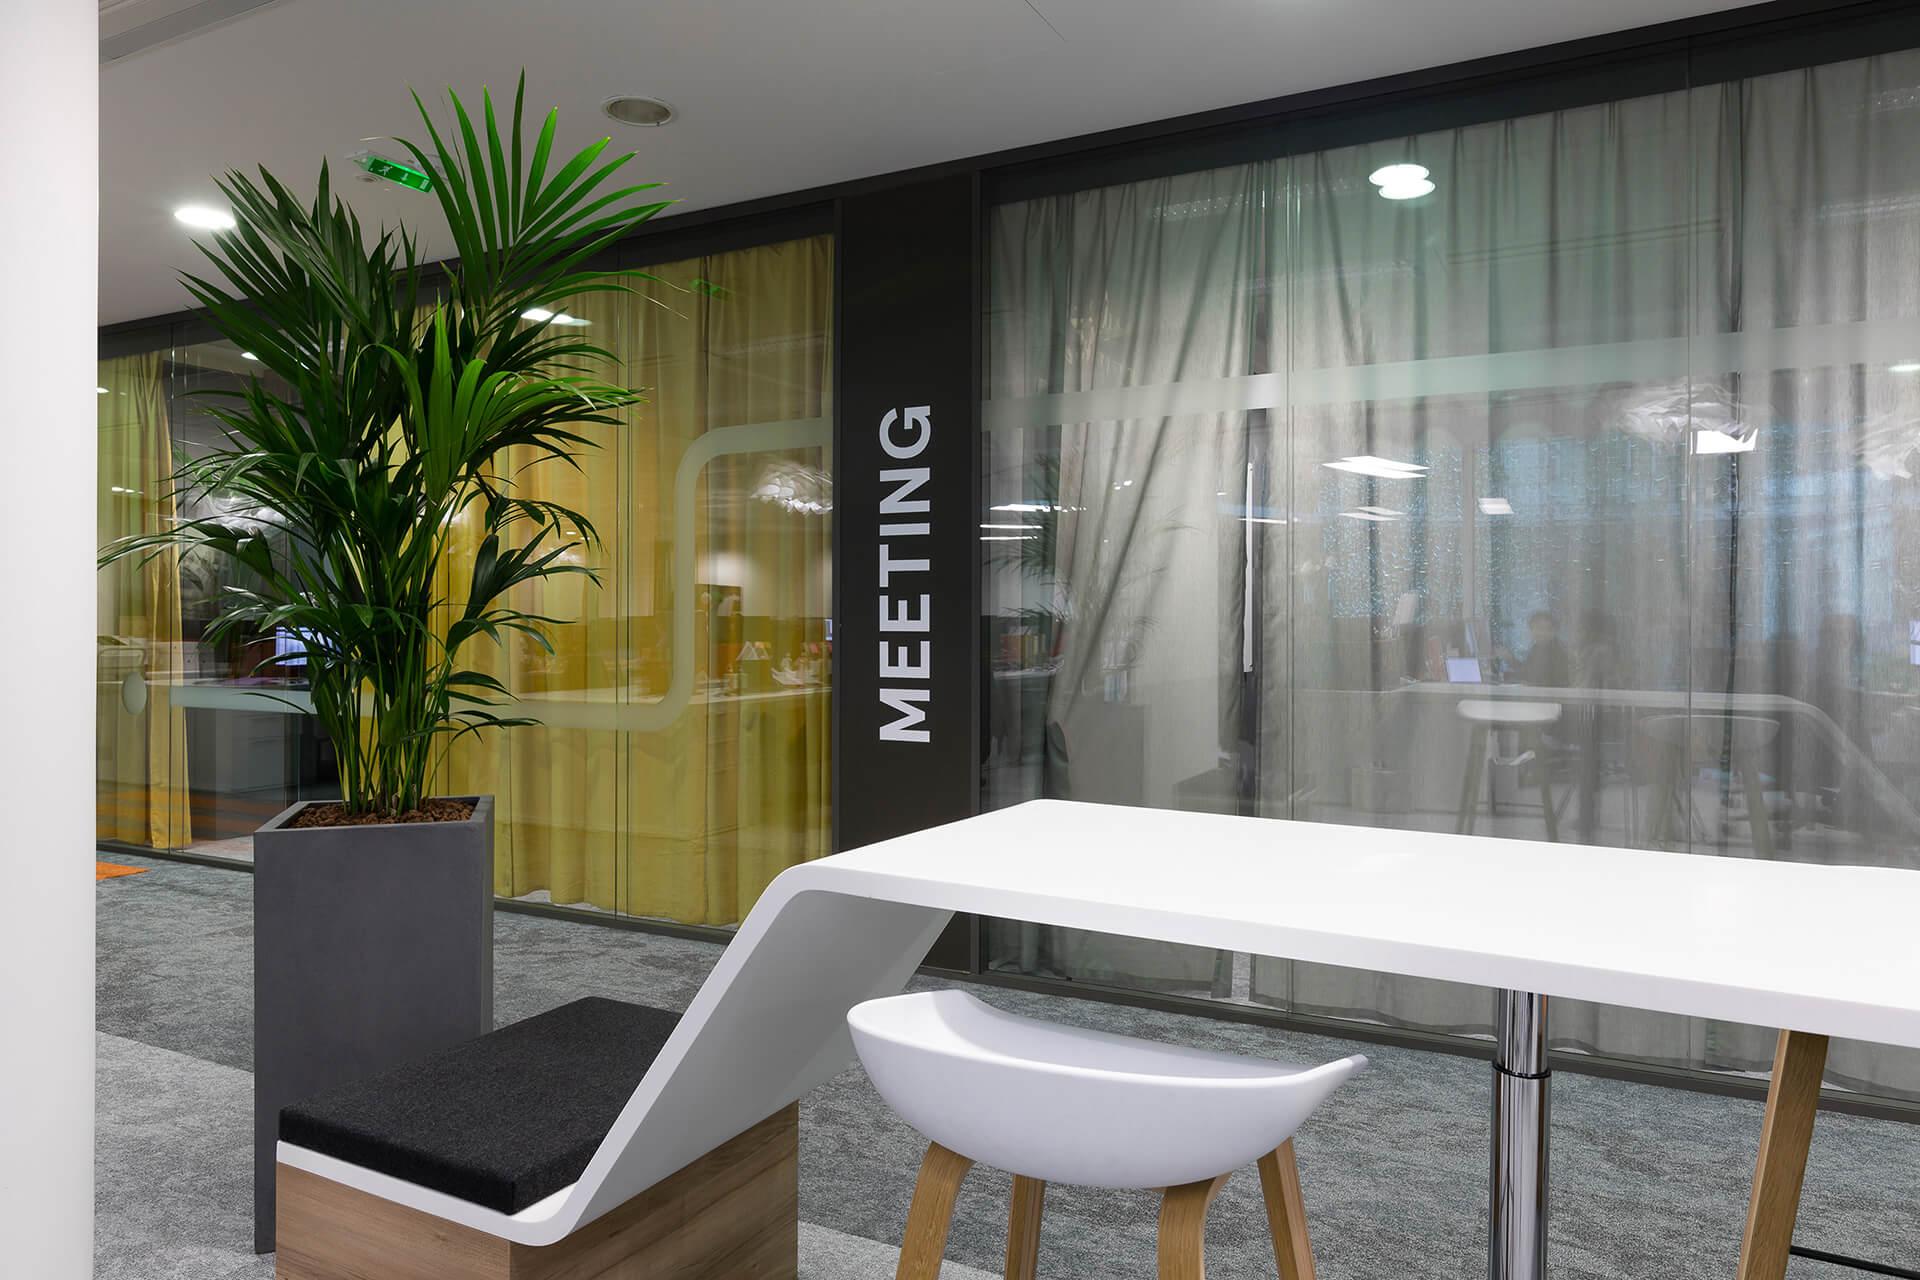 espaço de meeting com arquitetura e design moderno